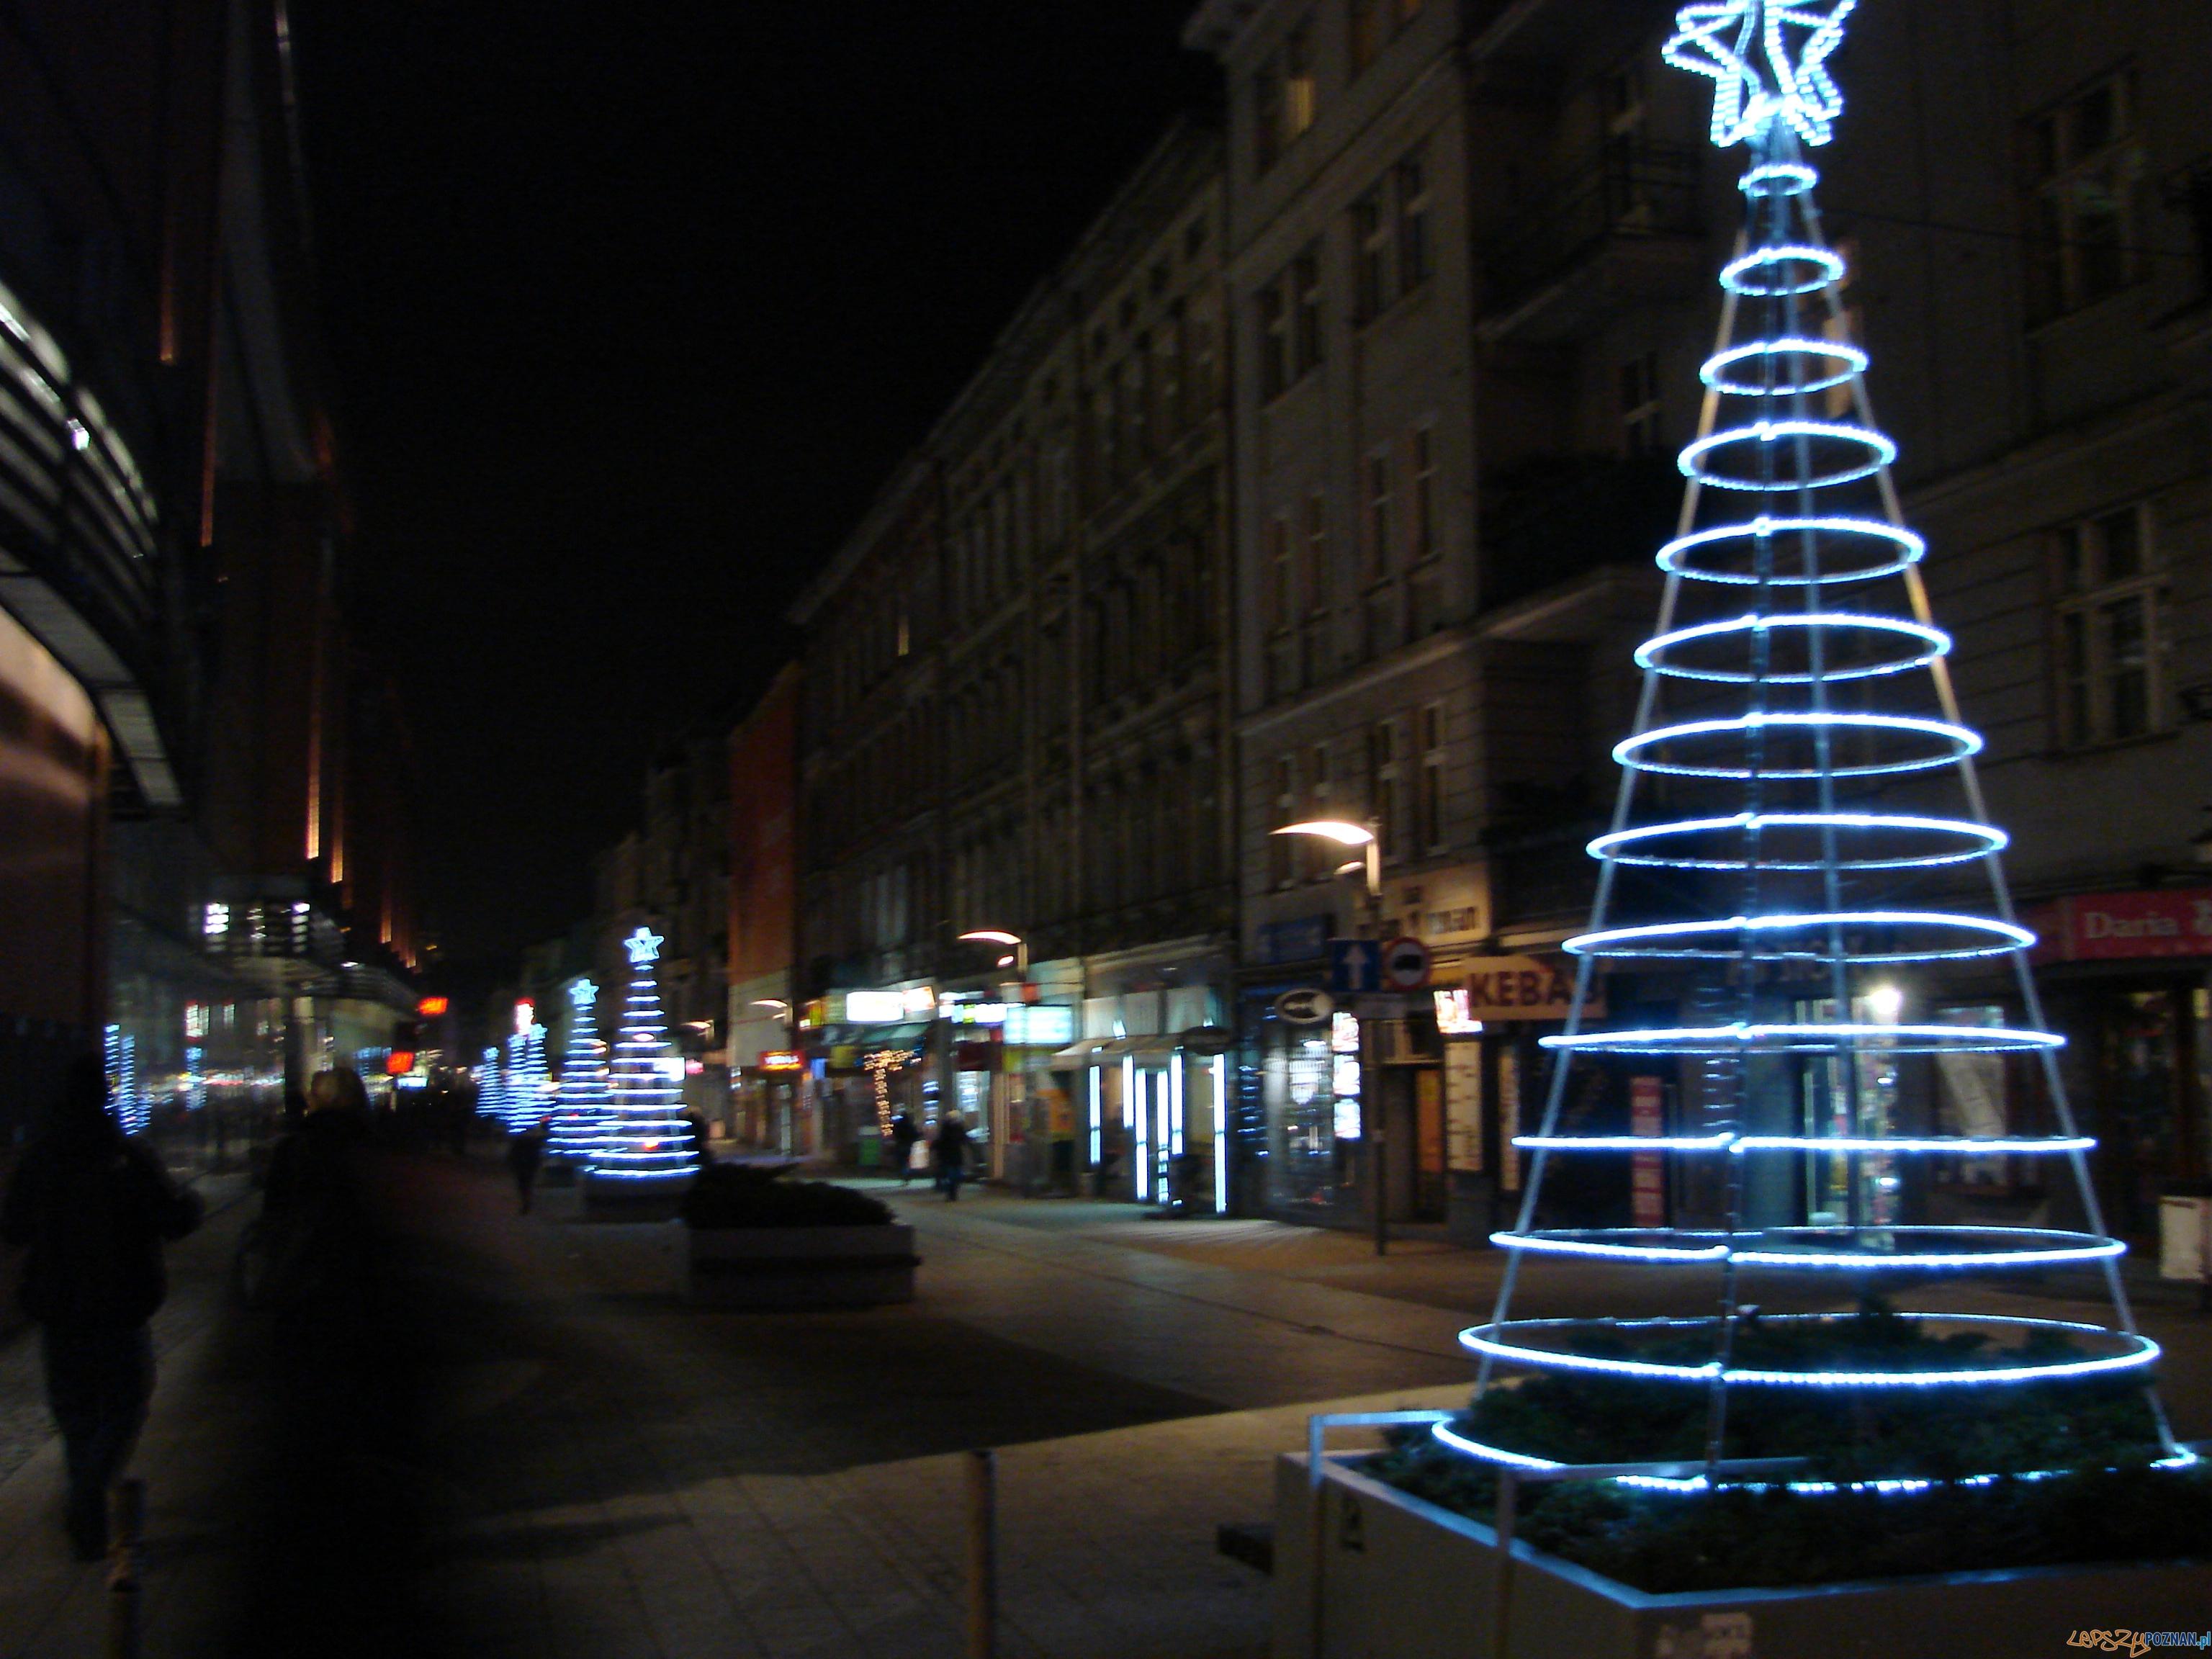 Święta w Poznaniu  Foto: lepszyPOZNAN.pl / archiwum